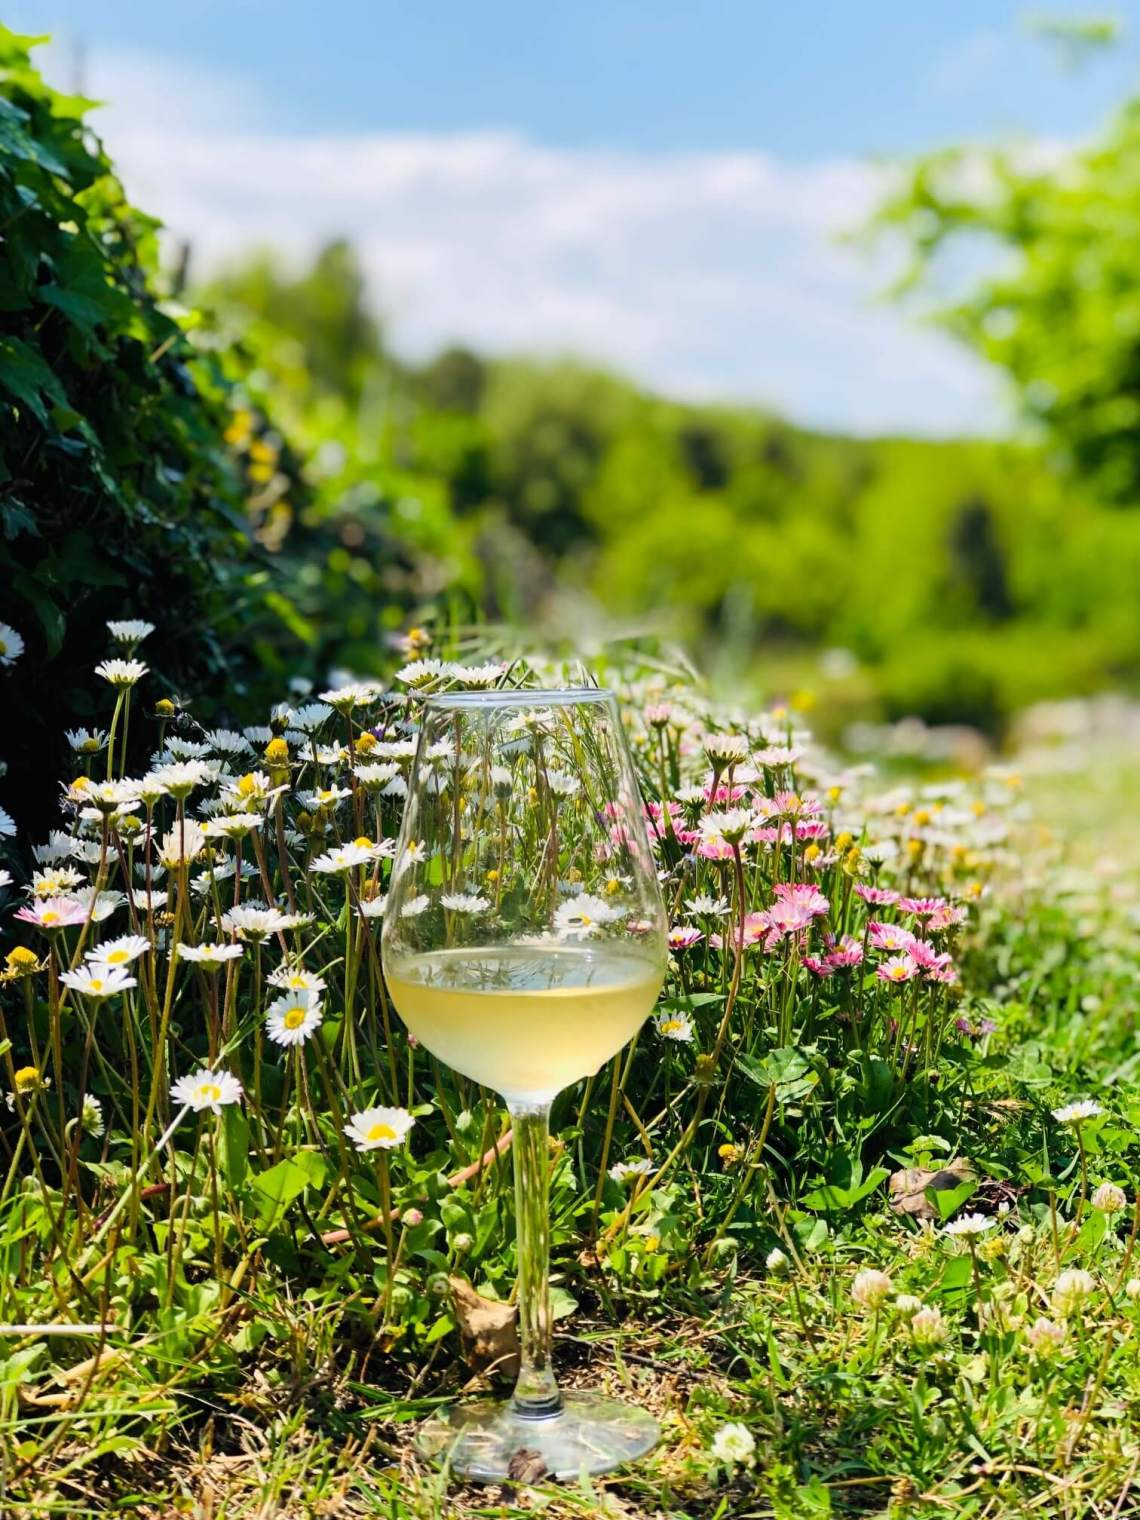 Det er tid for det slippet som fokuserer på lyse og lette viner tilpasset vår og sommer. I maislippet på Vinmonopolet er det mye lovende og godt.Vinene lanseres 3. mai.